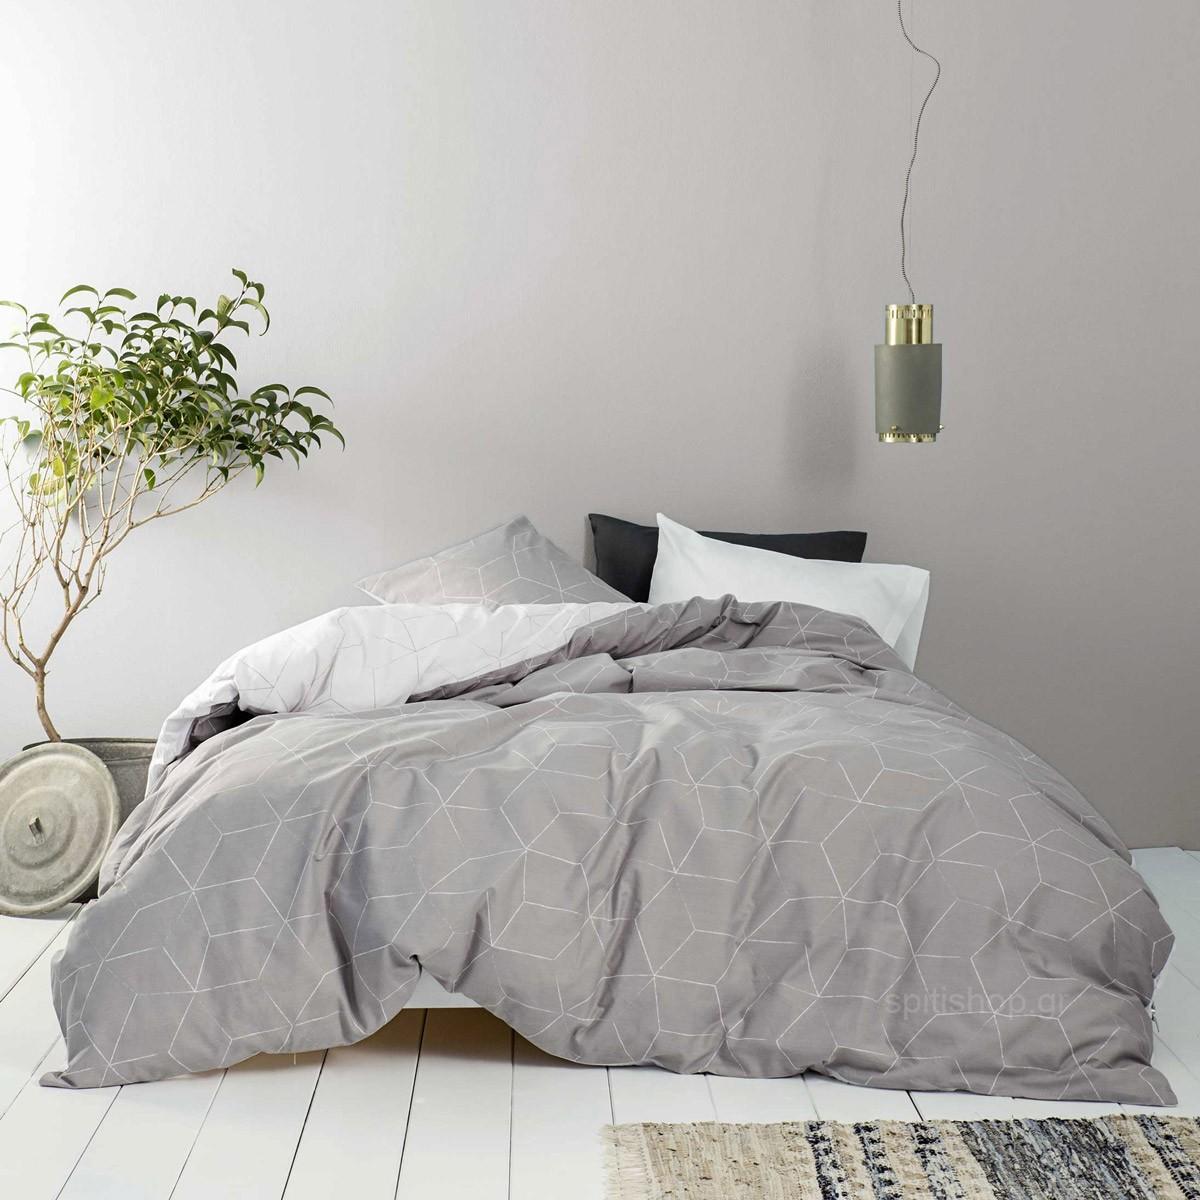 Σεντόνια King Size (Σετ) Nima Bed Linen Fade Grey